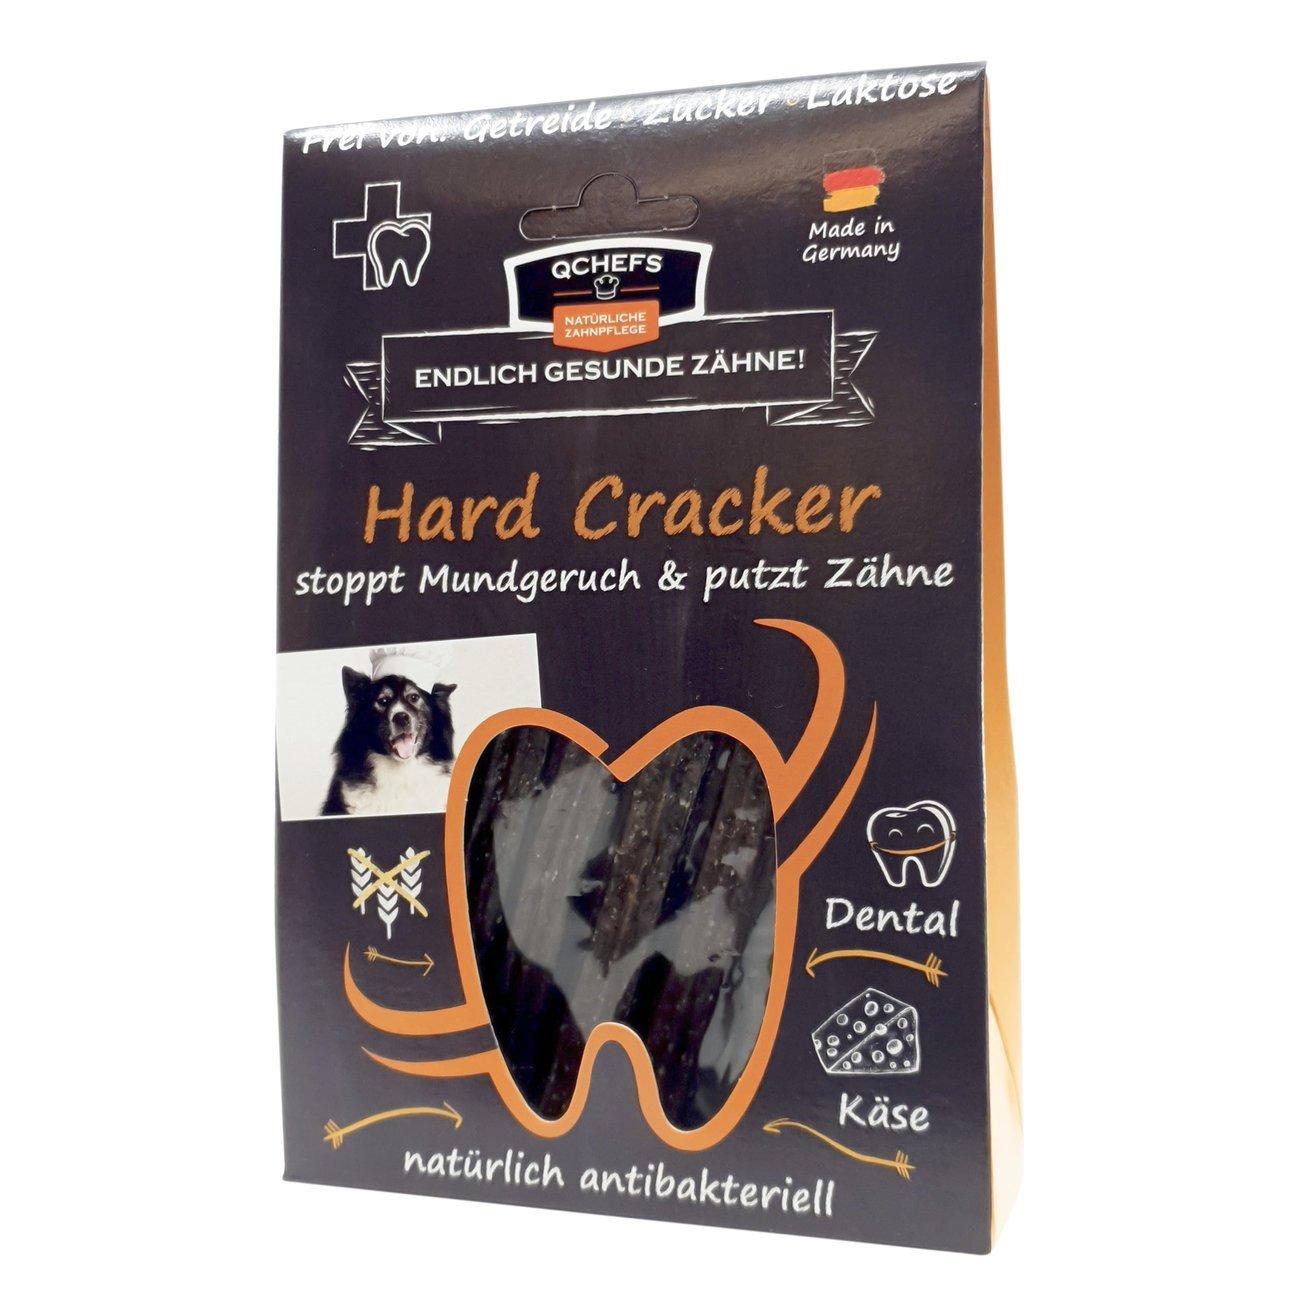 Qchefs Hard Cracker